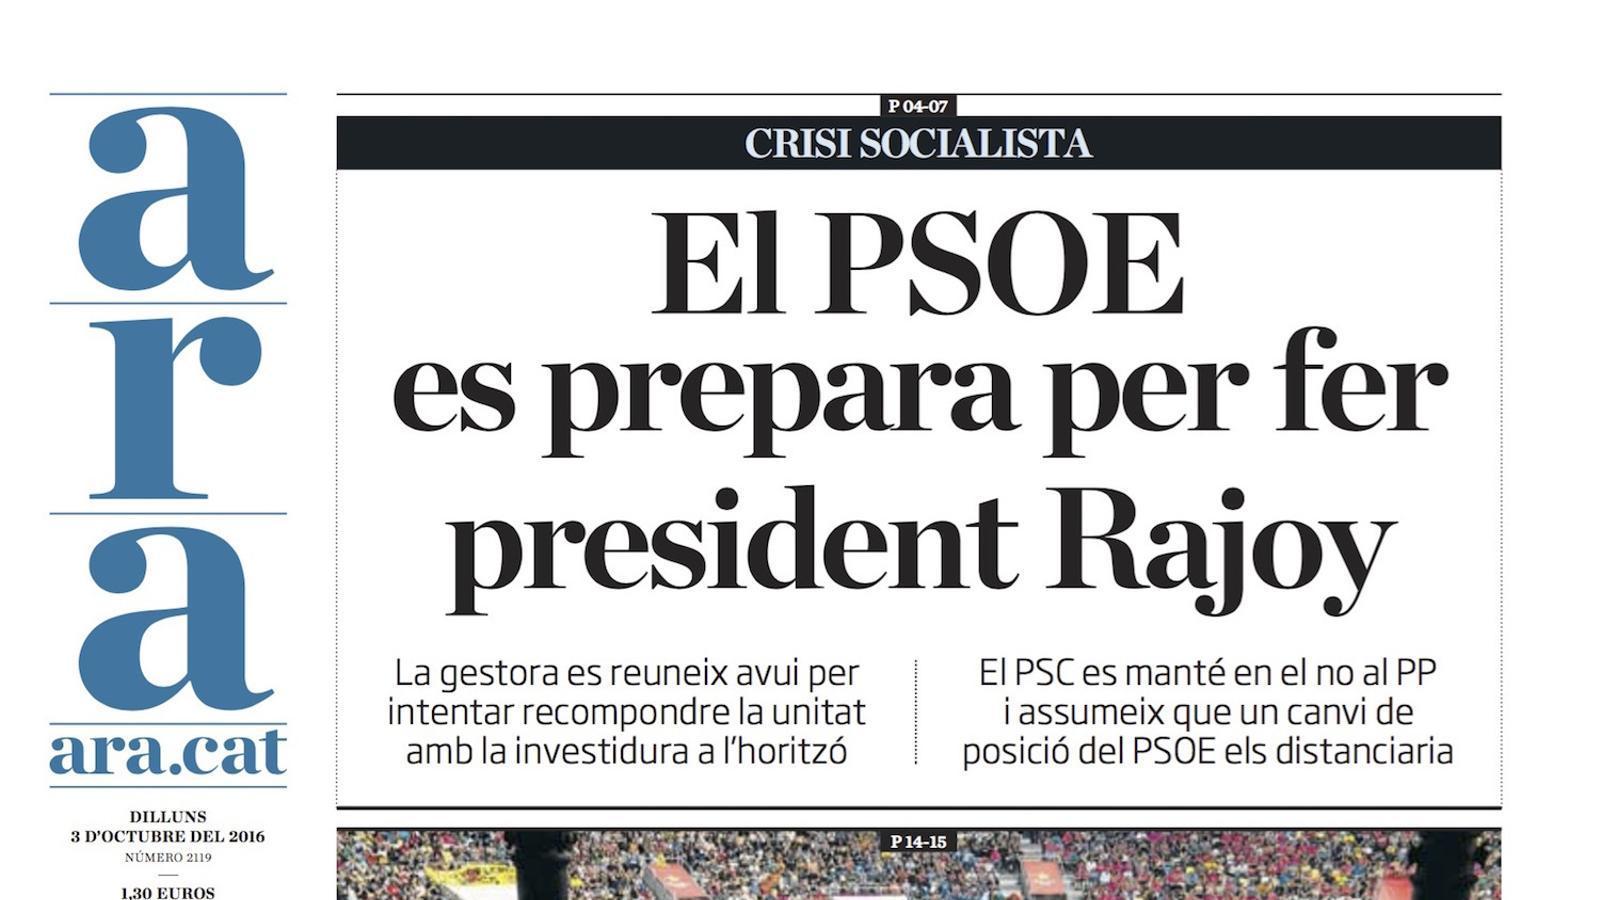 """""""El PSOE es prepara per fer president Rajoy"""", portada de l'ARA"""